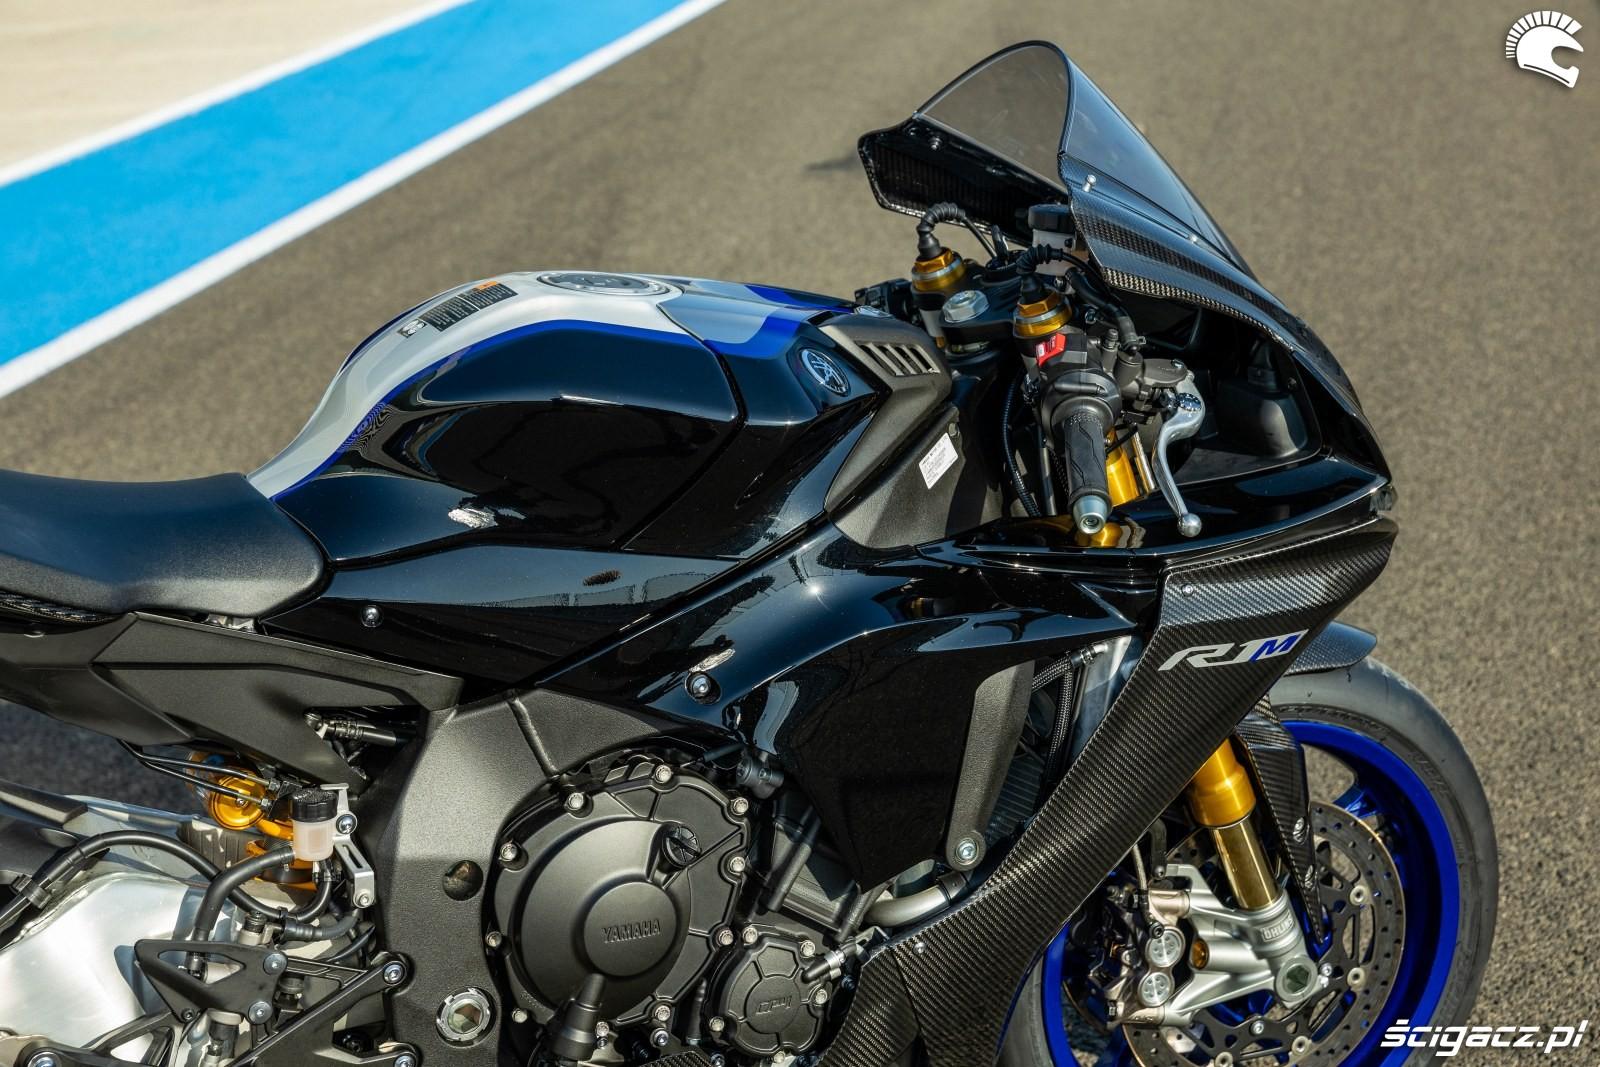 Yamaha R1 M 2020 detale 11